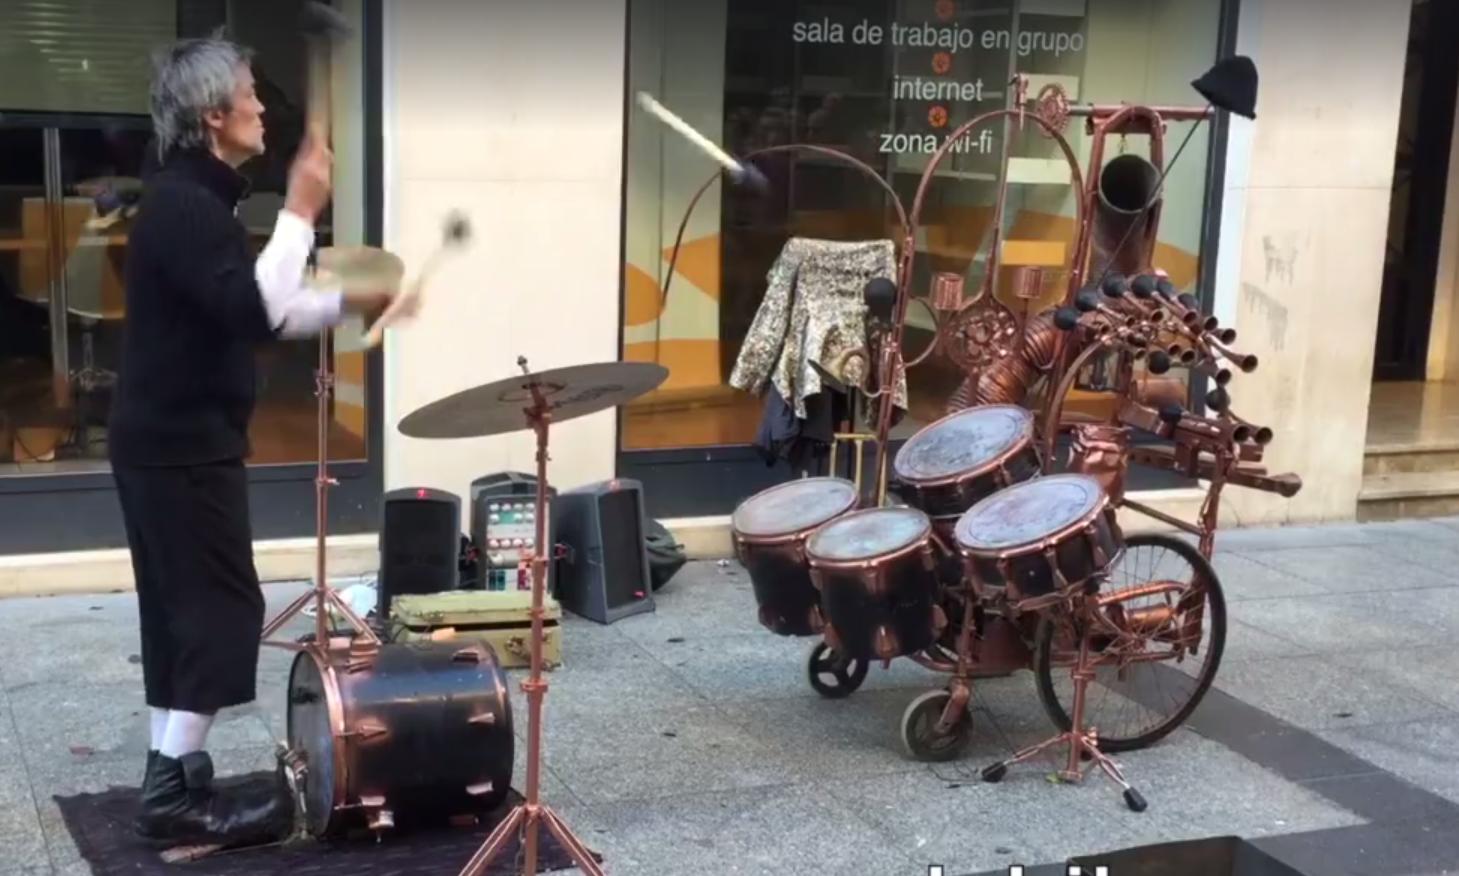 Questo artista di strada suona la batteria lanciando le bacchette da lontano